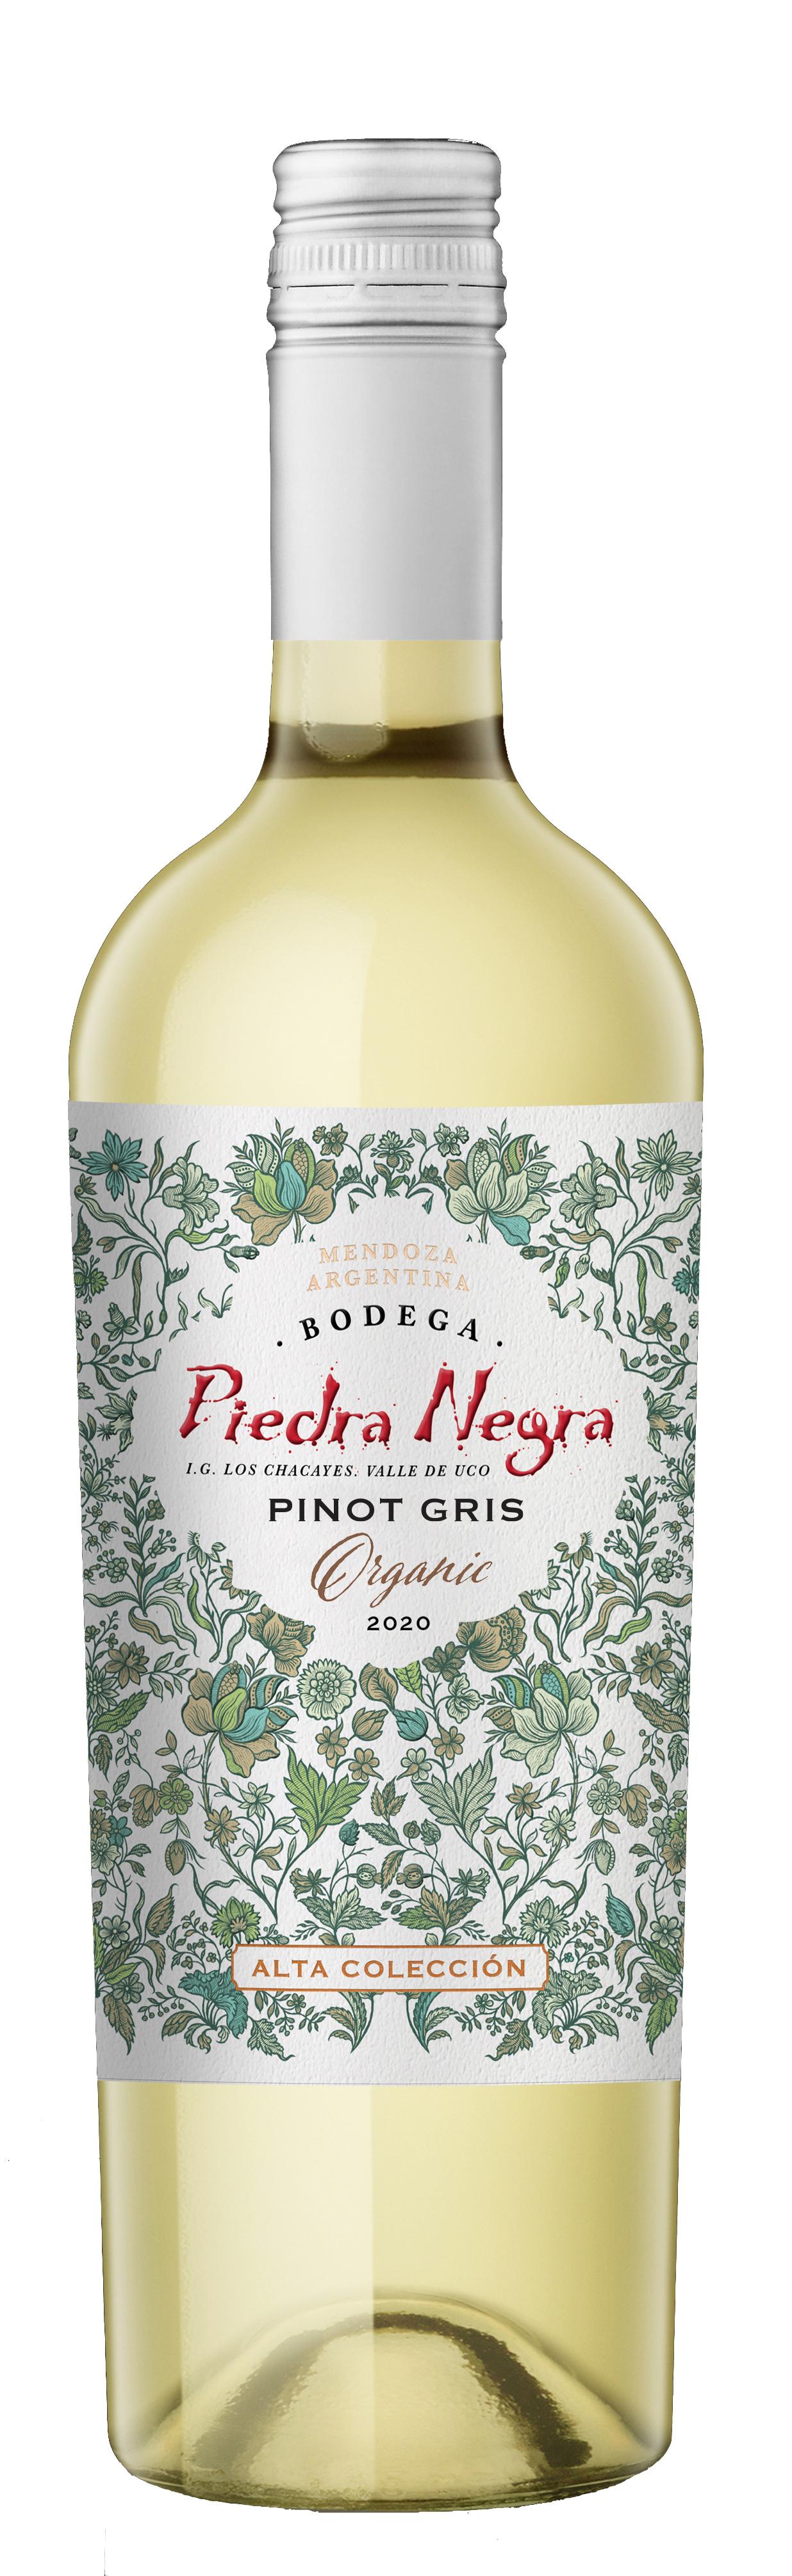 Alta Colección Organic Pinot Gris